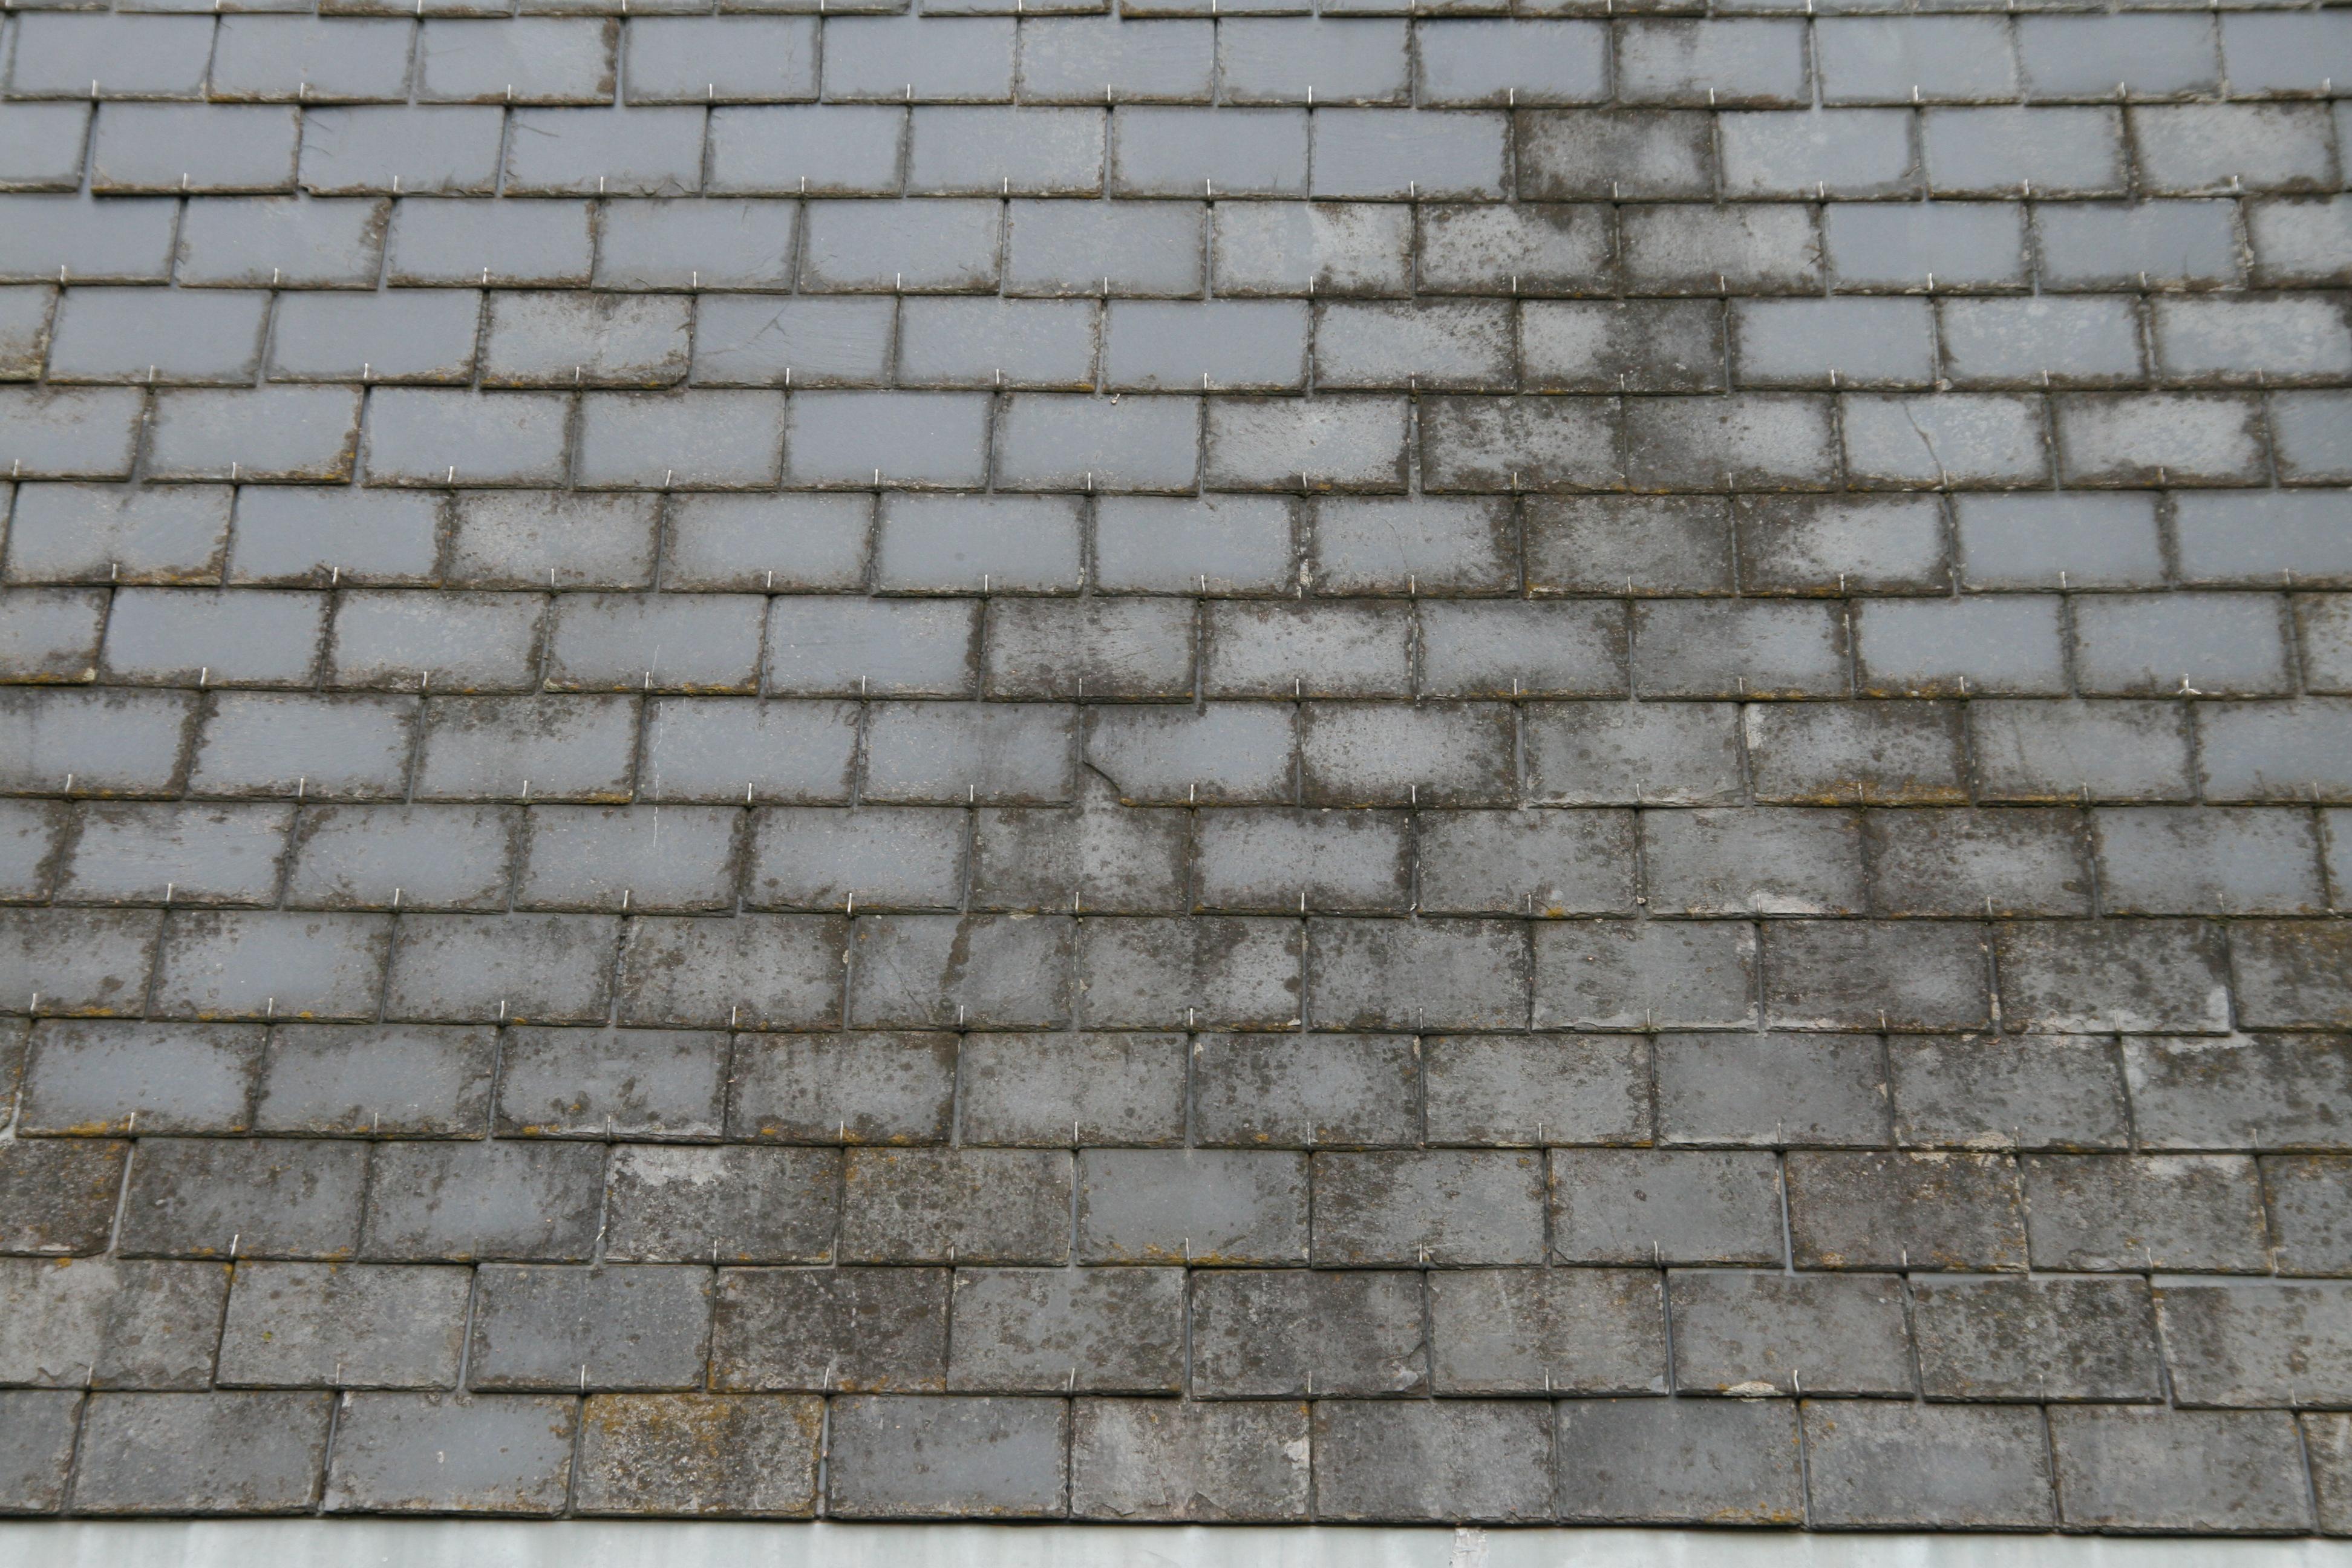 Slate Roof Tile Texture